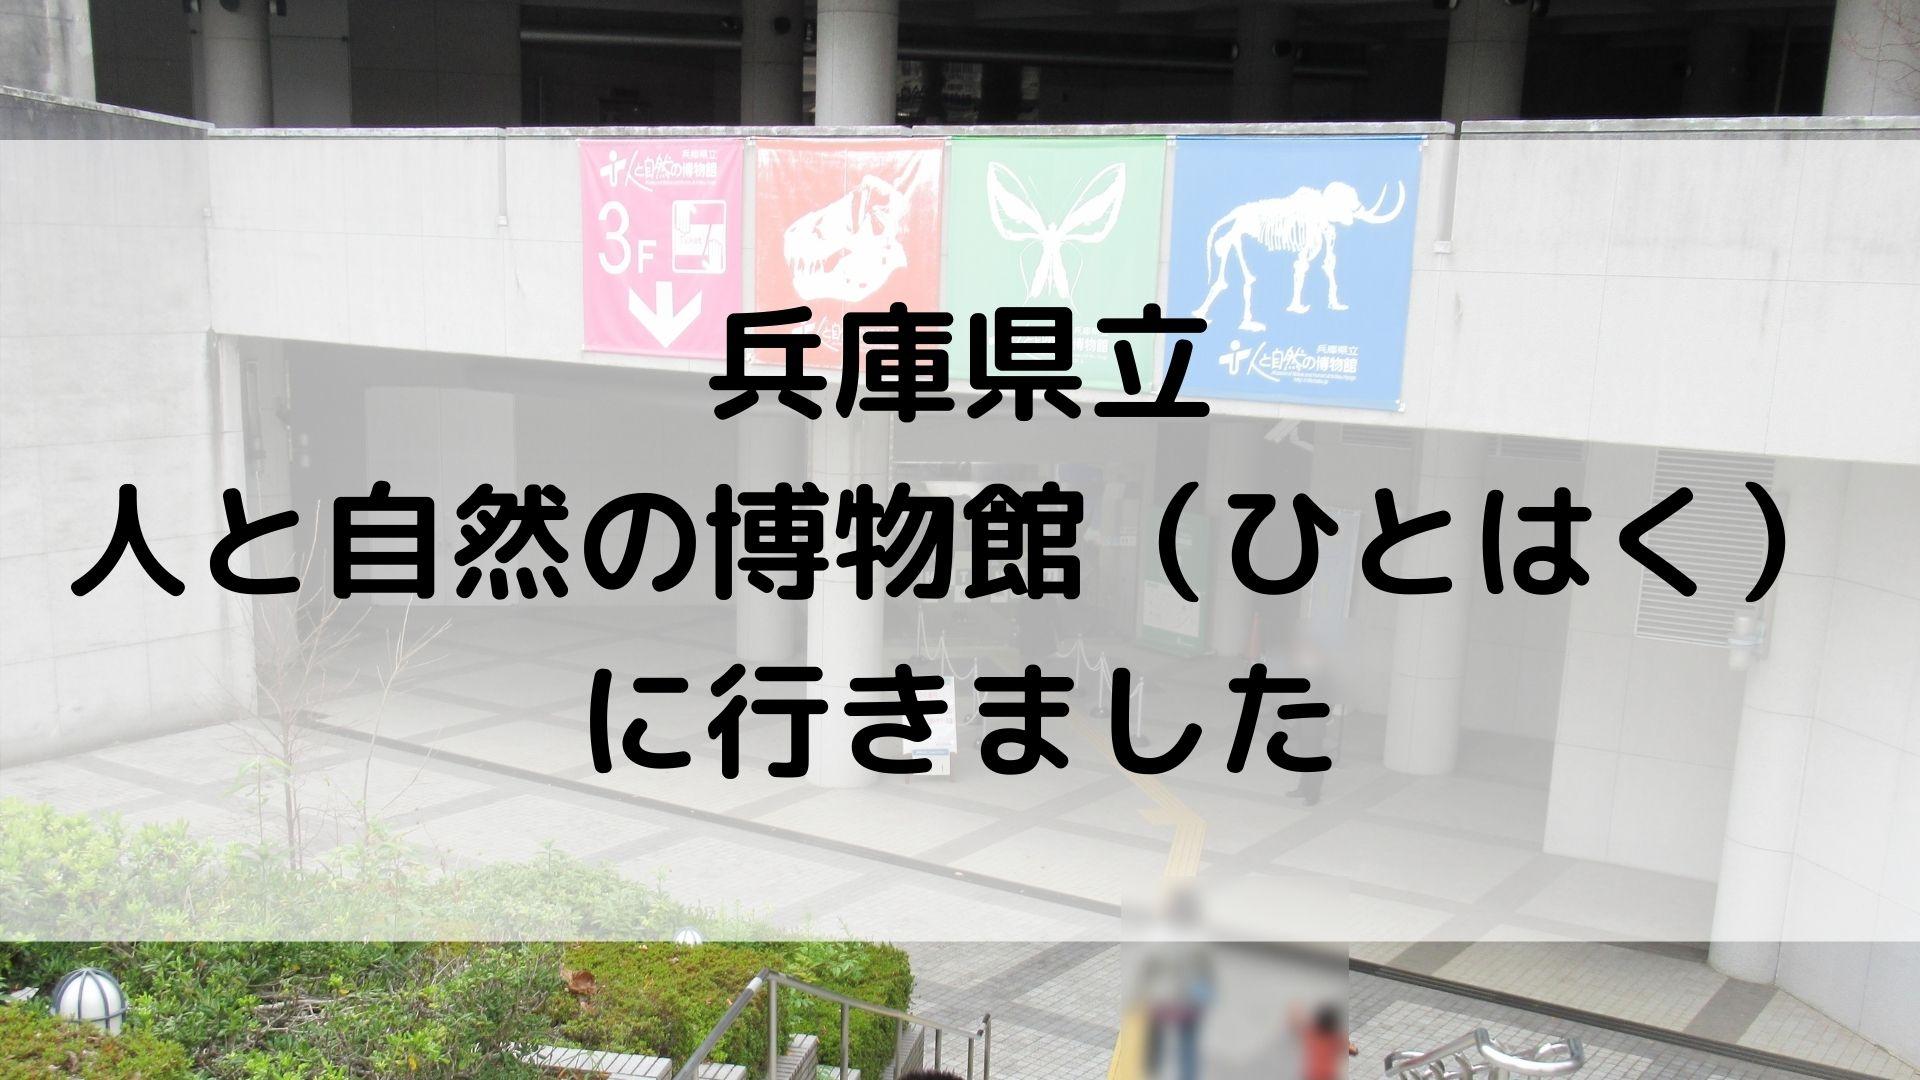 兵庫県立 人と自然の博物館(ひとはく)